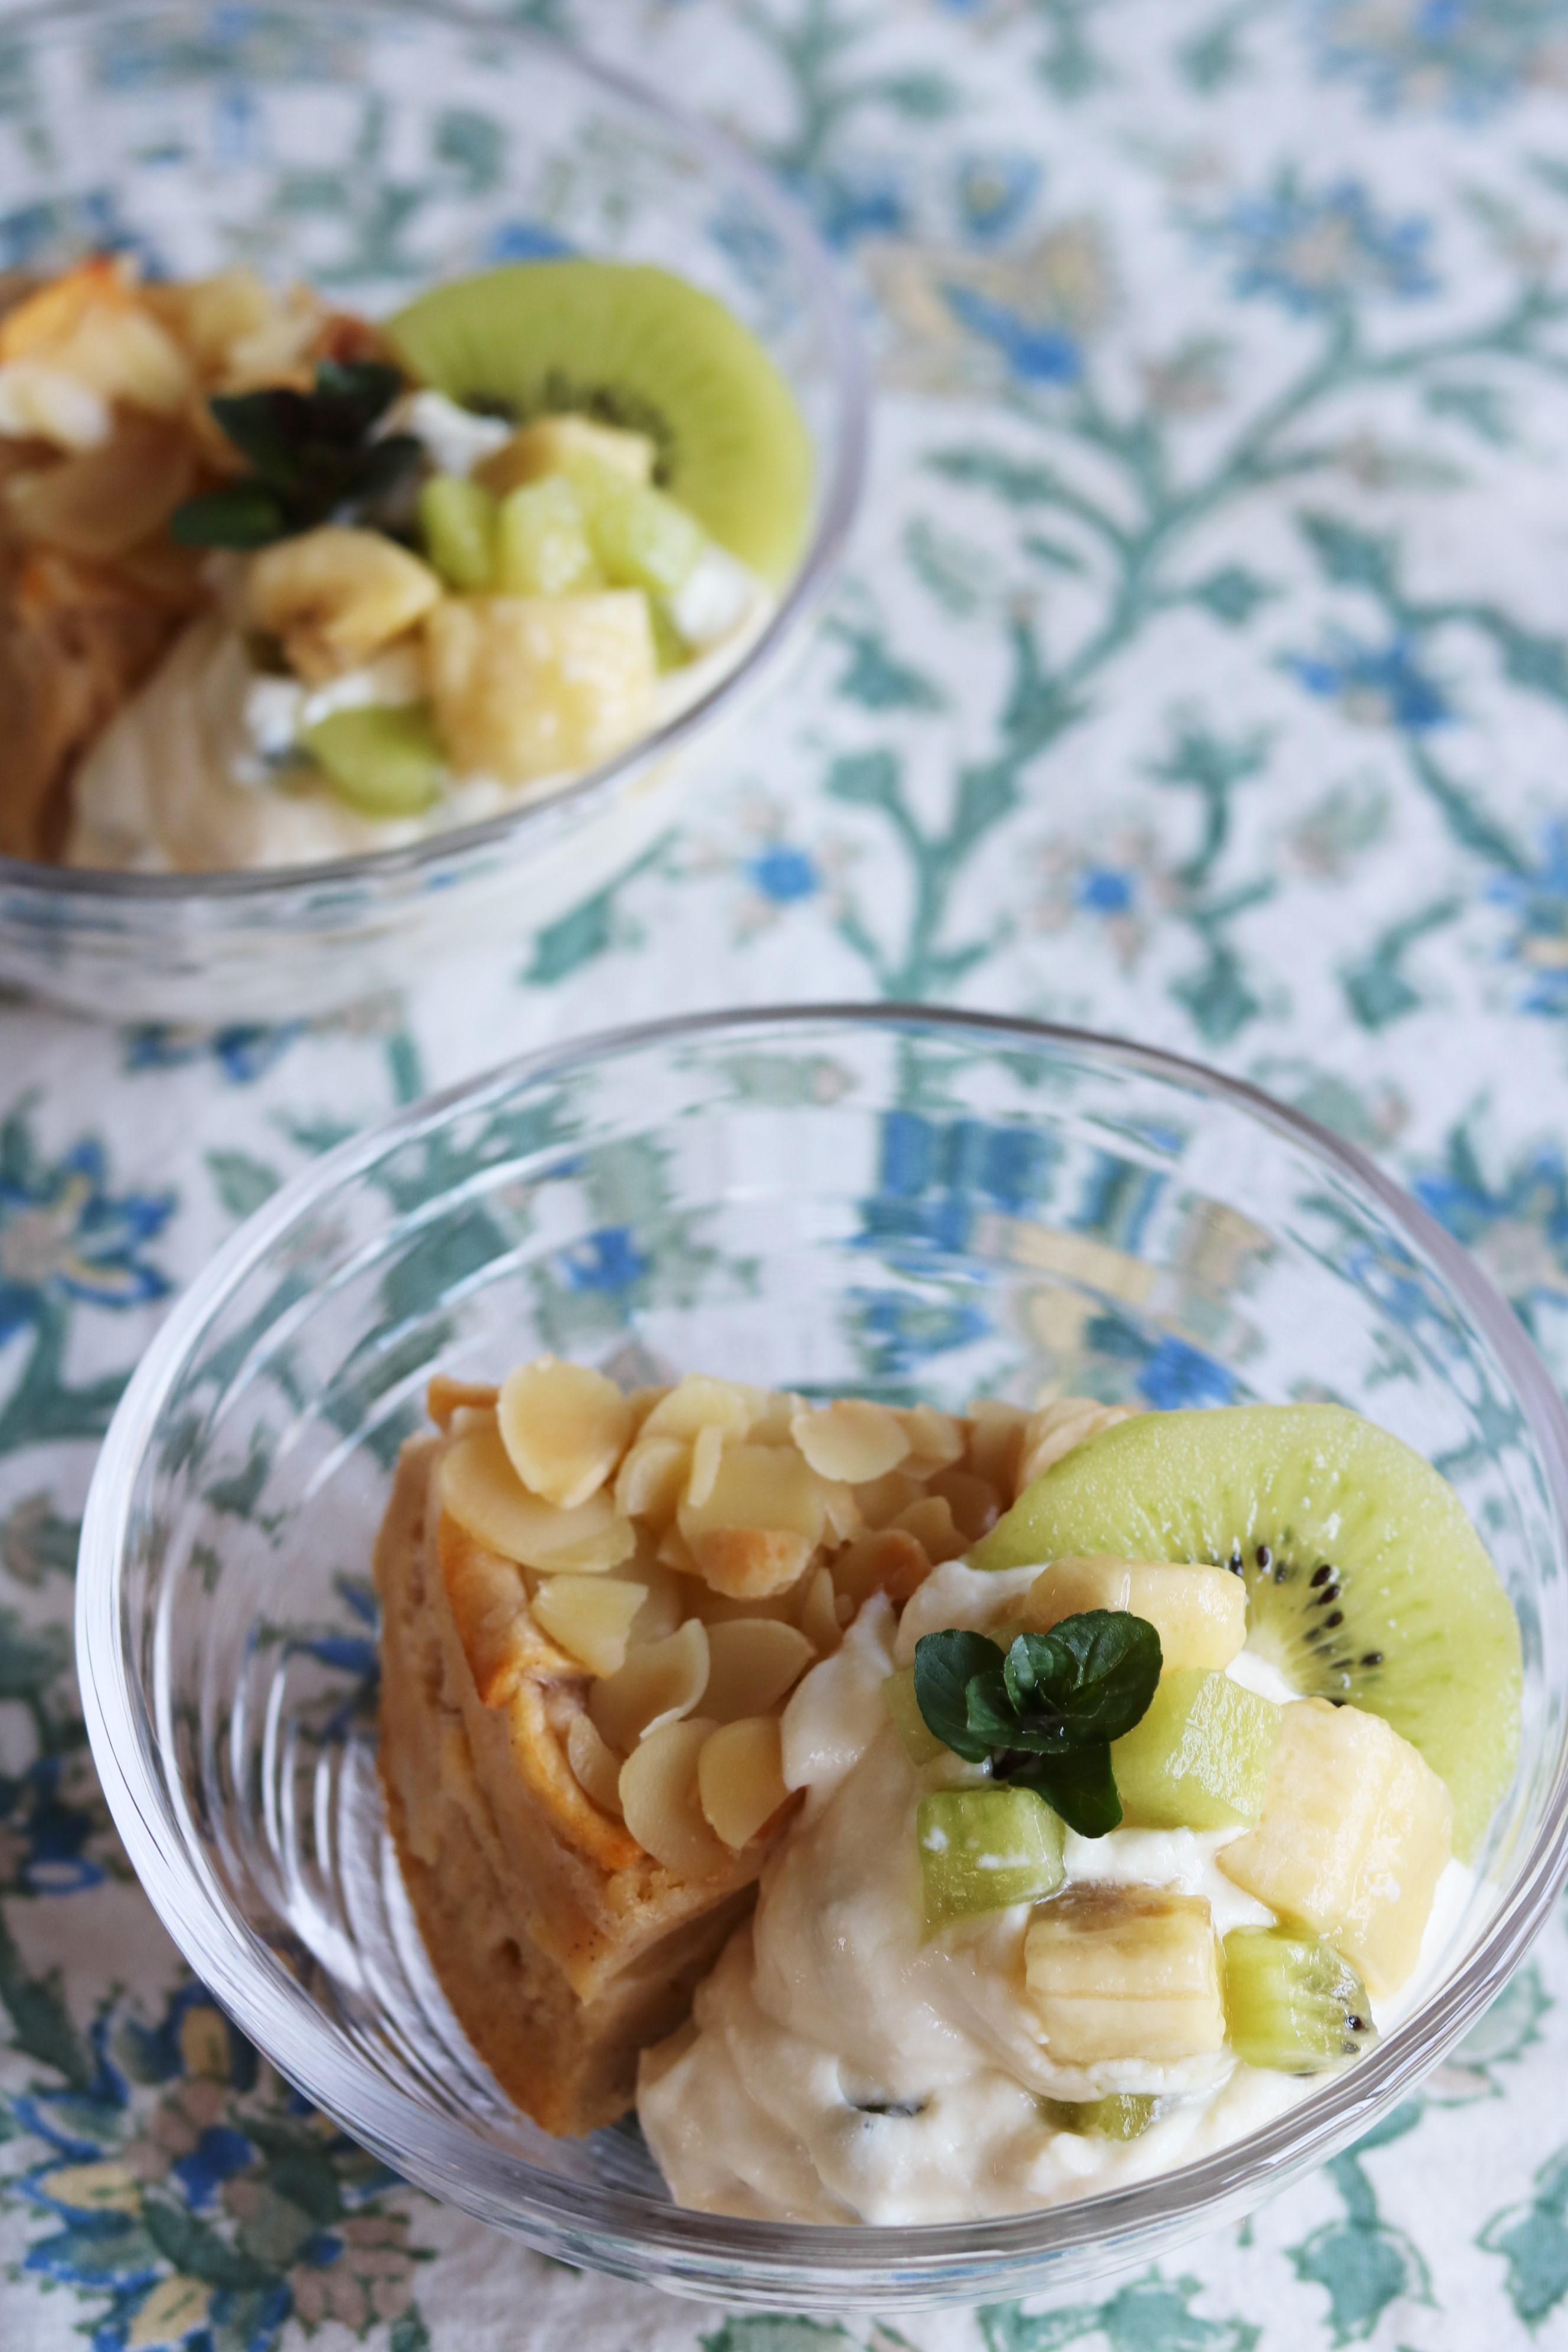 りんごのインビジブルとお豆腐クリームの盛り合わせ